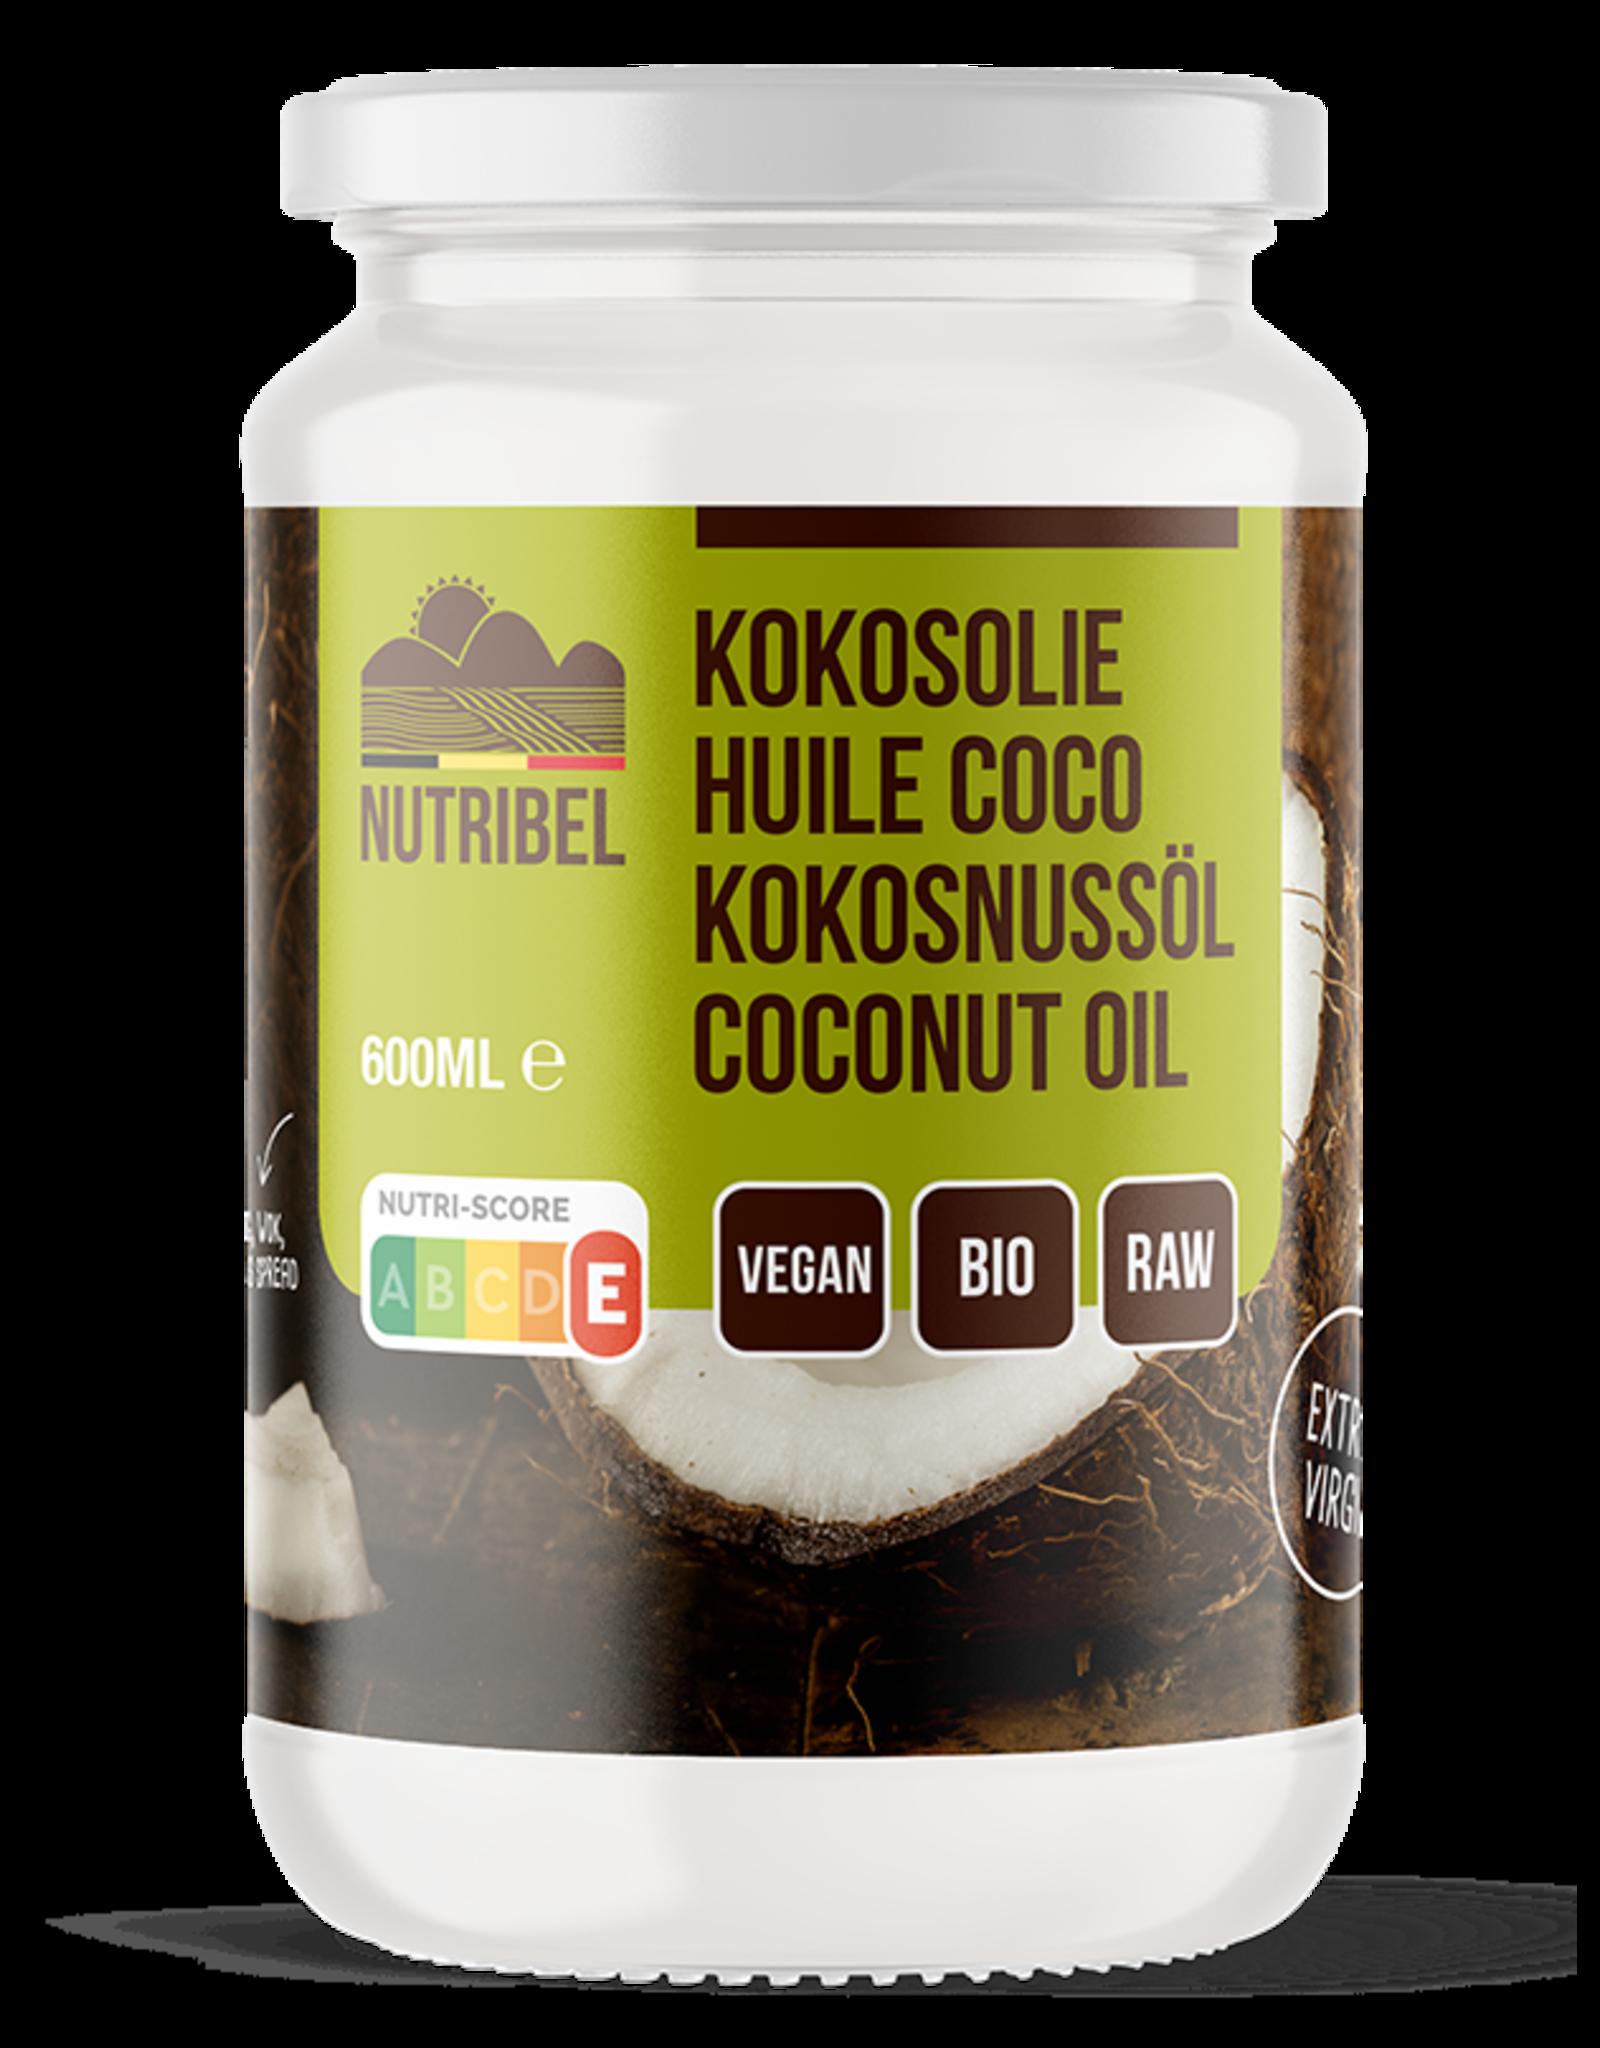 Nutribel Huile de noix de coco extra vierge bio 600ml